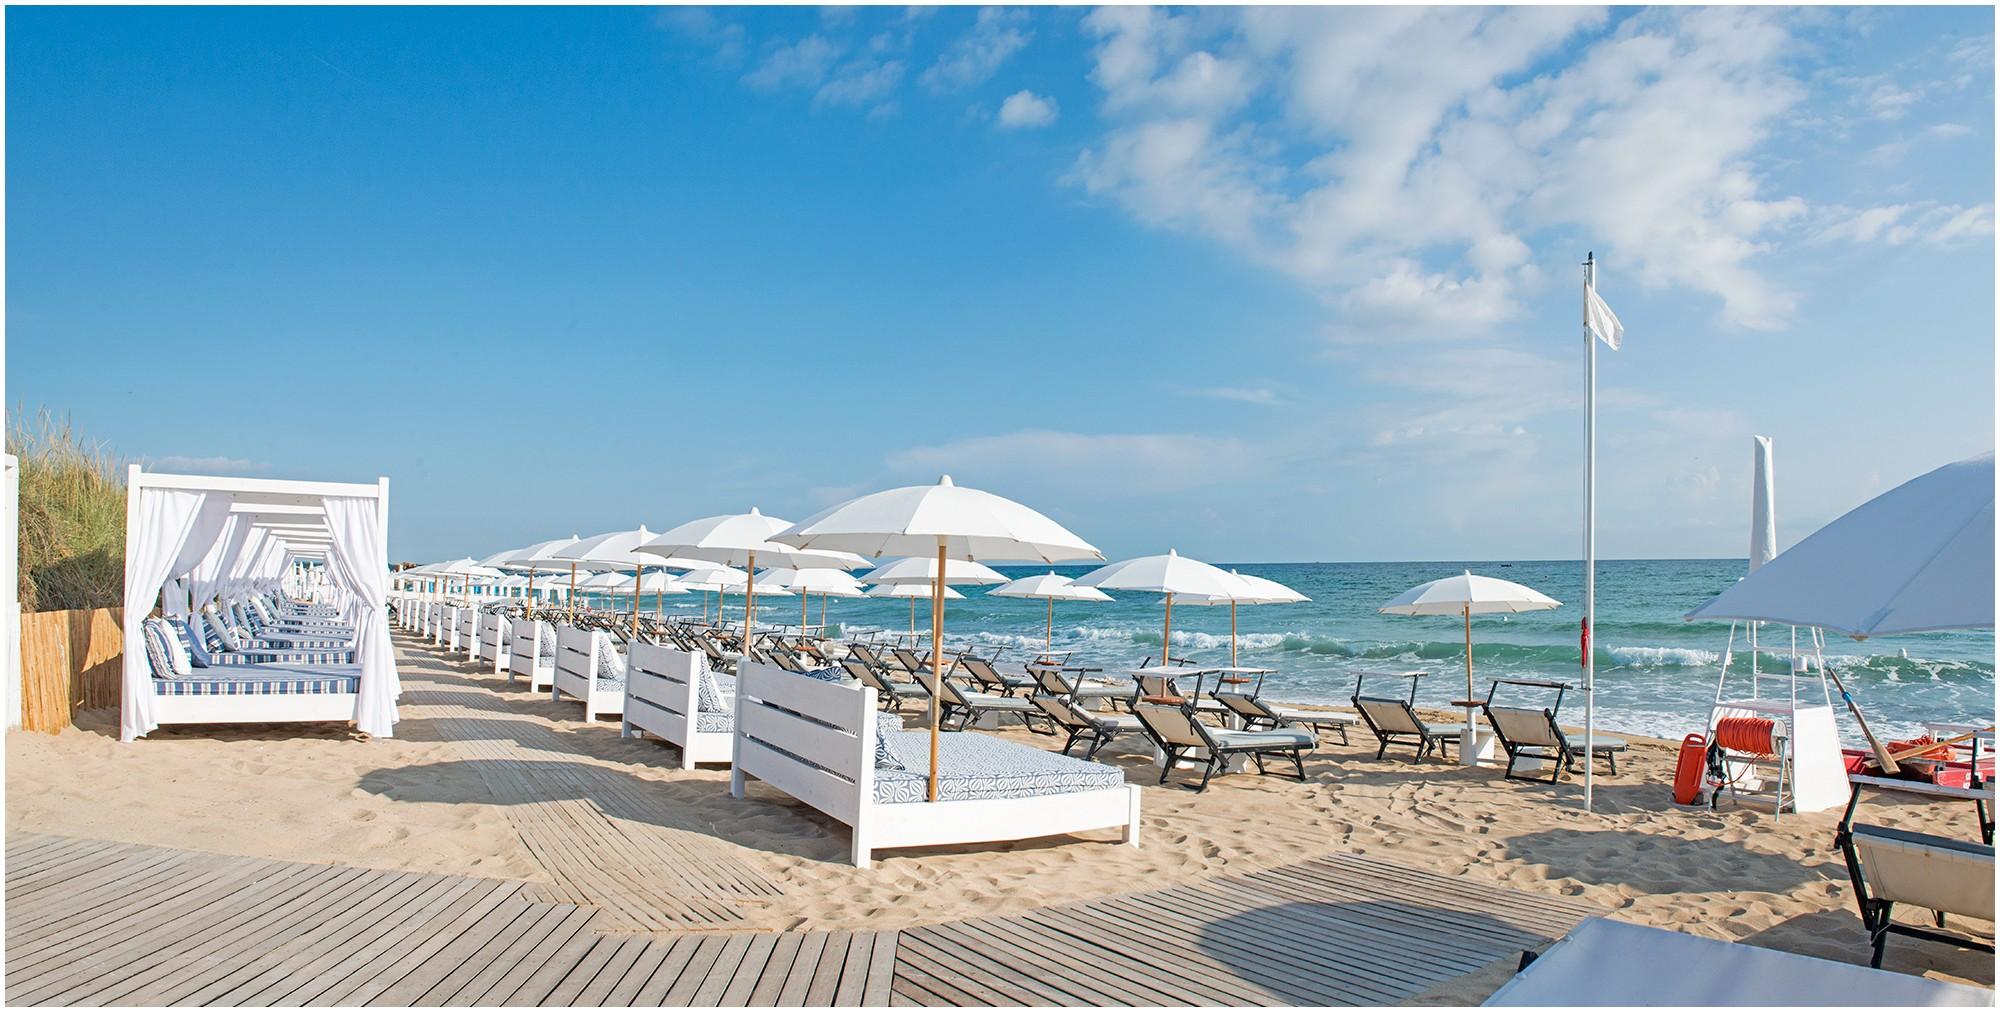 Beach Clubs In Puglia Italy Unique Le Nostre Due Spiagge Coccaro Beach E Le Palme Beach Services 5